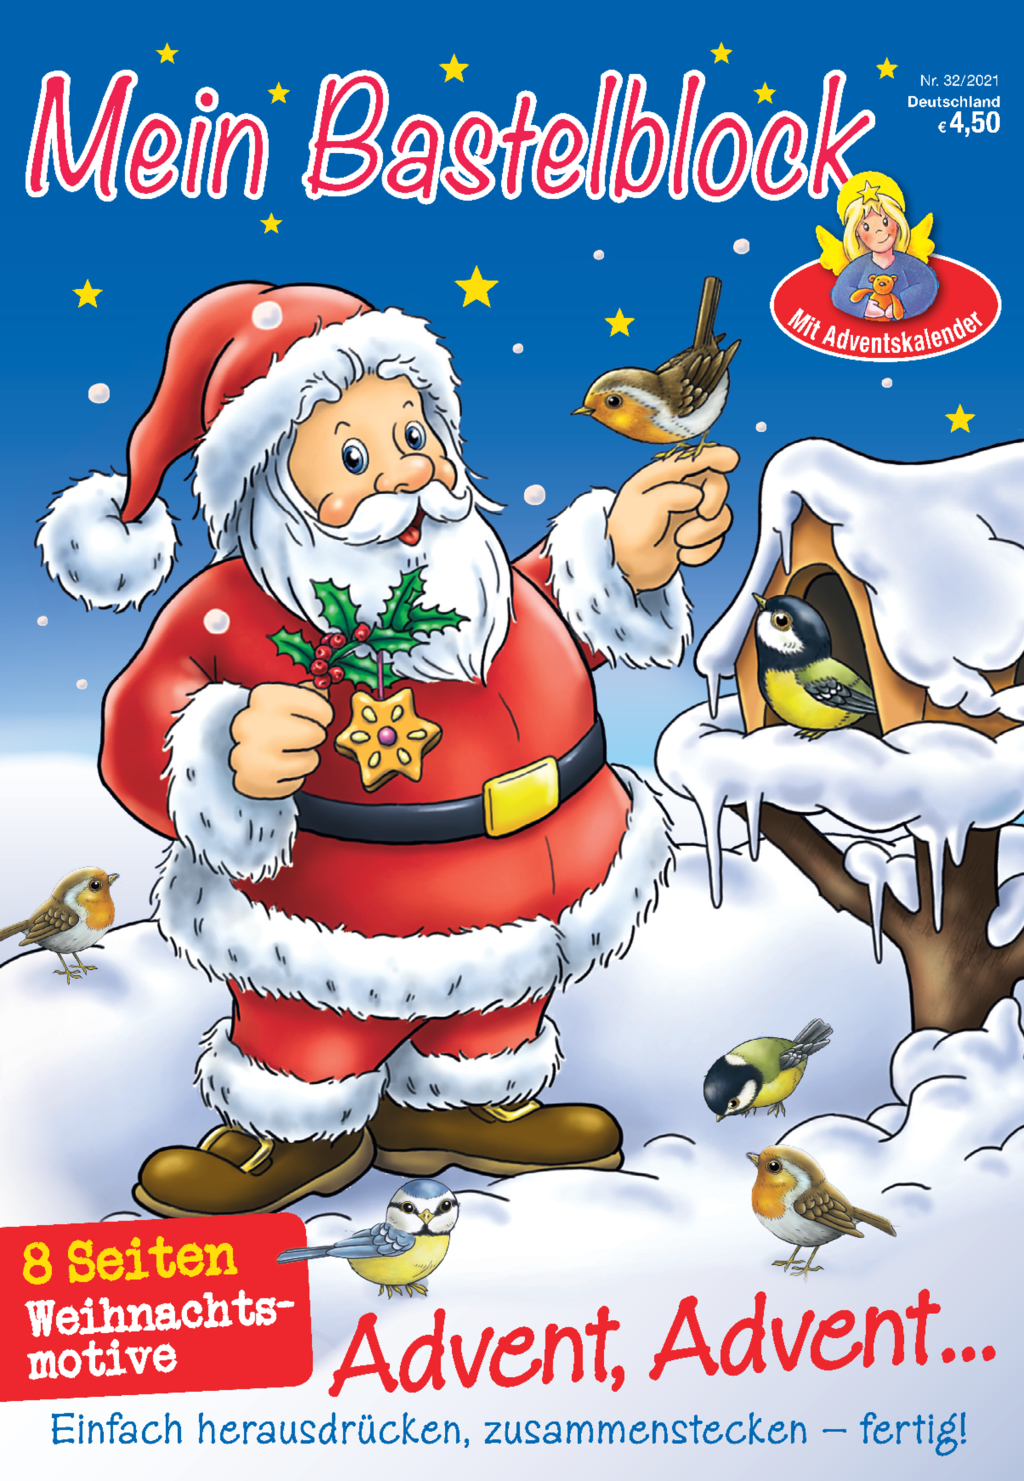 Bastelblock Weihnachten 32/21 - Advent, Advent